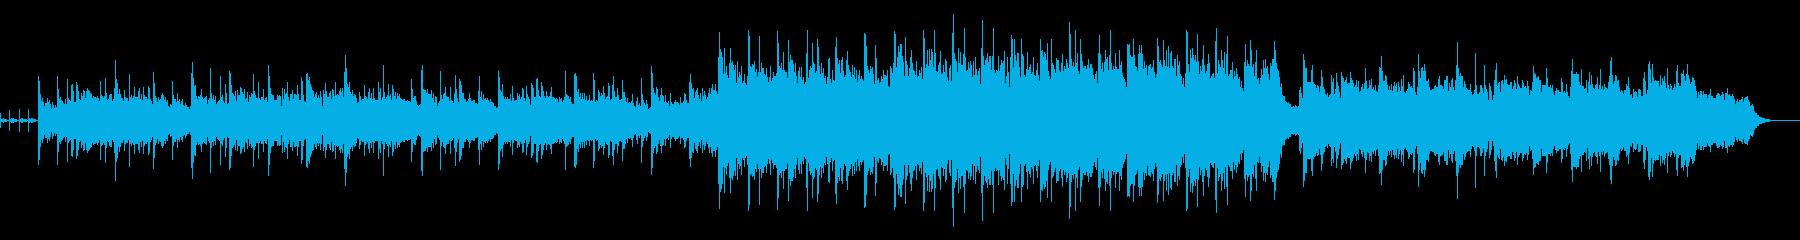 琴でメロディ―を奏でる壮大なオリジナル曲の再生済みの波形